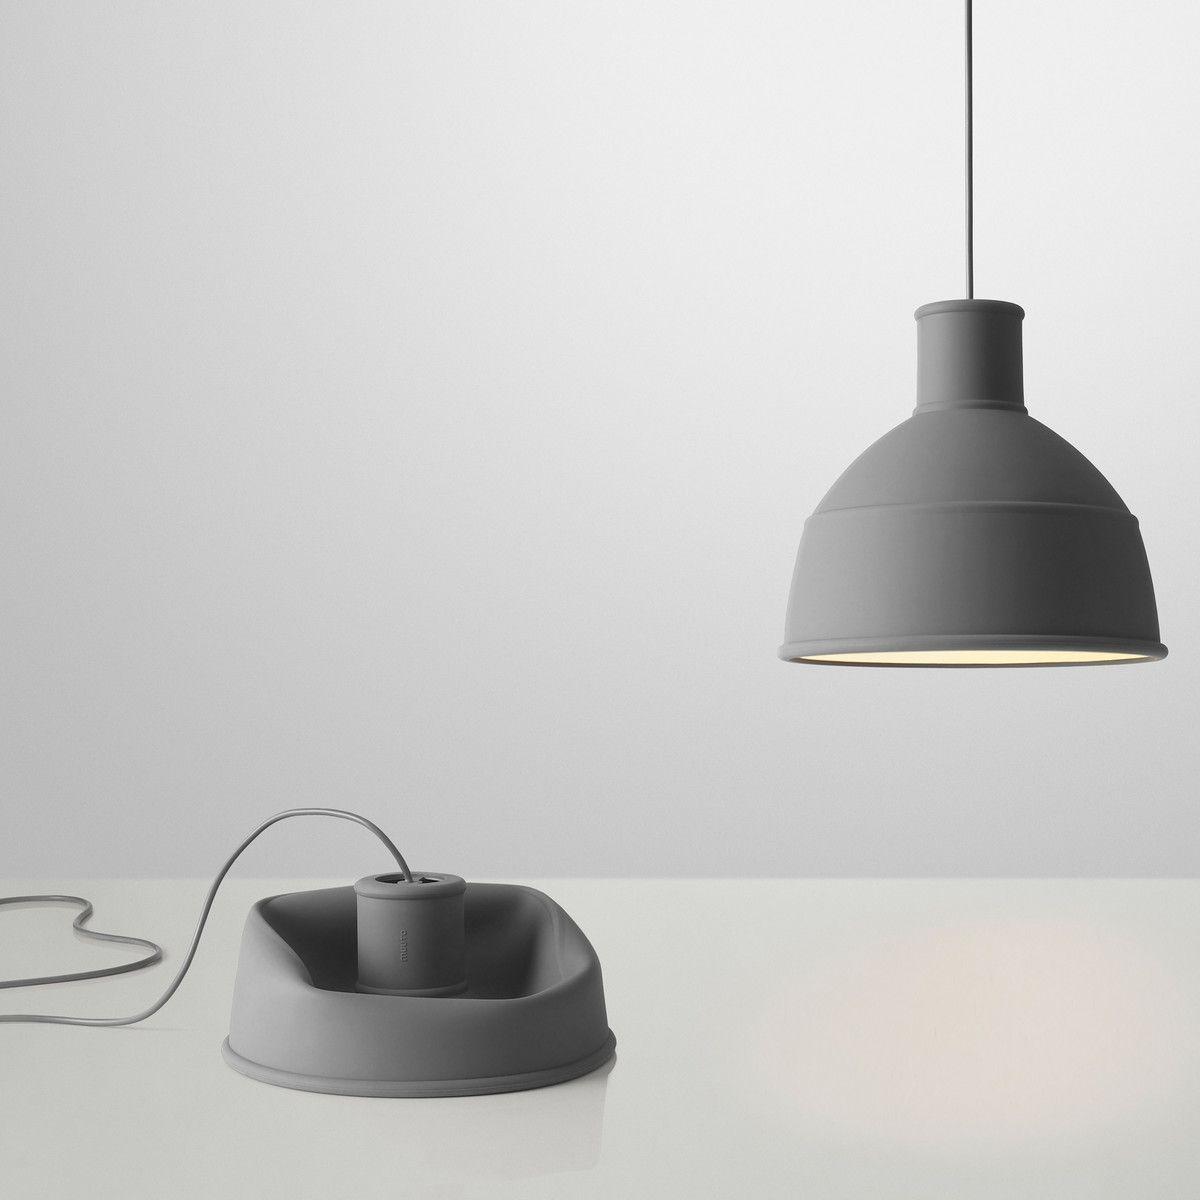 charming einfache dekoration und mobel muuto unfold pendelleuchte #3: Muuto - Unfold Pendelleuchte